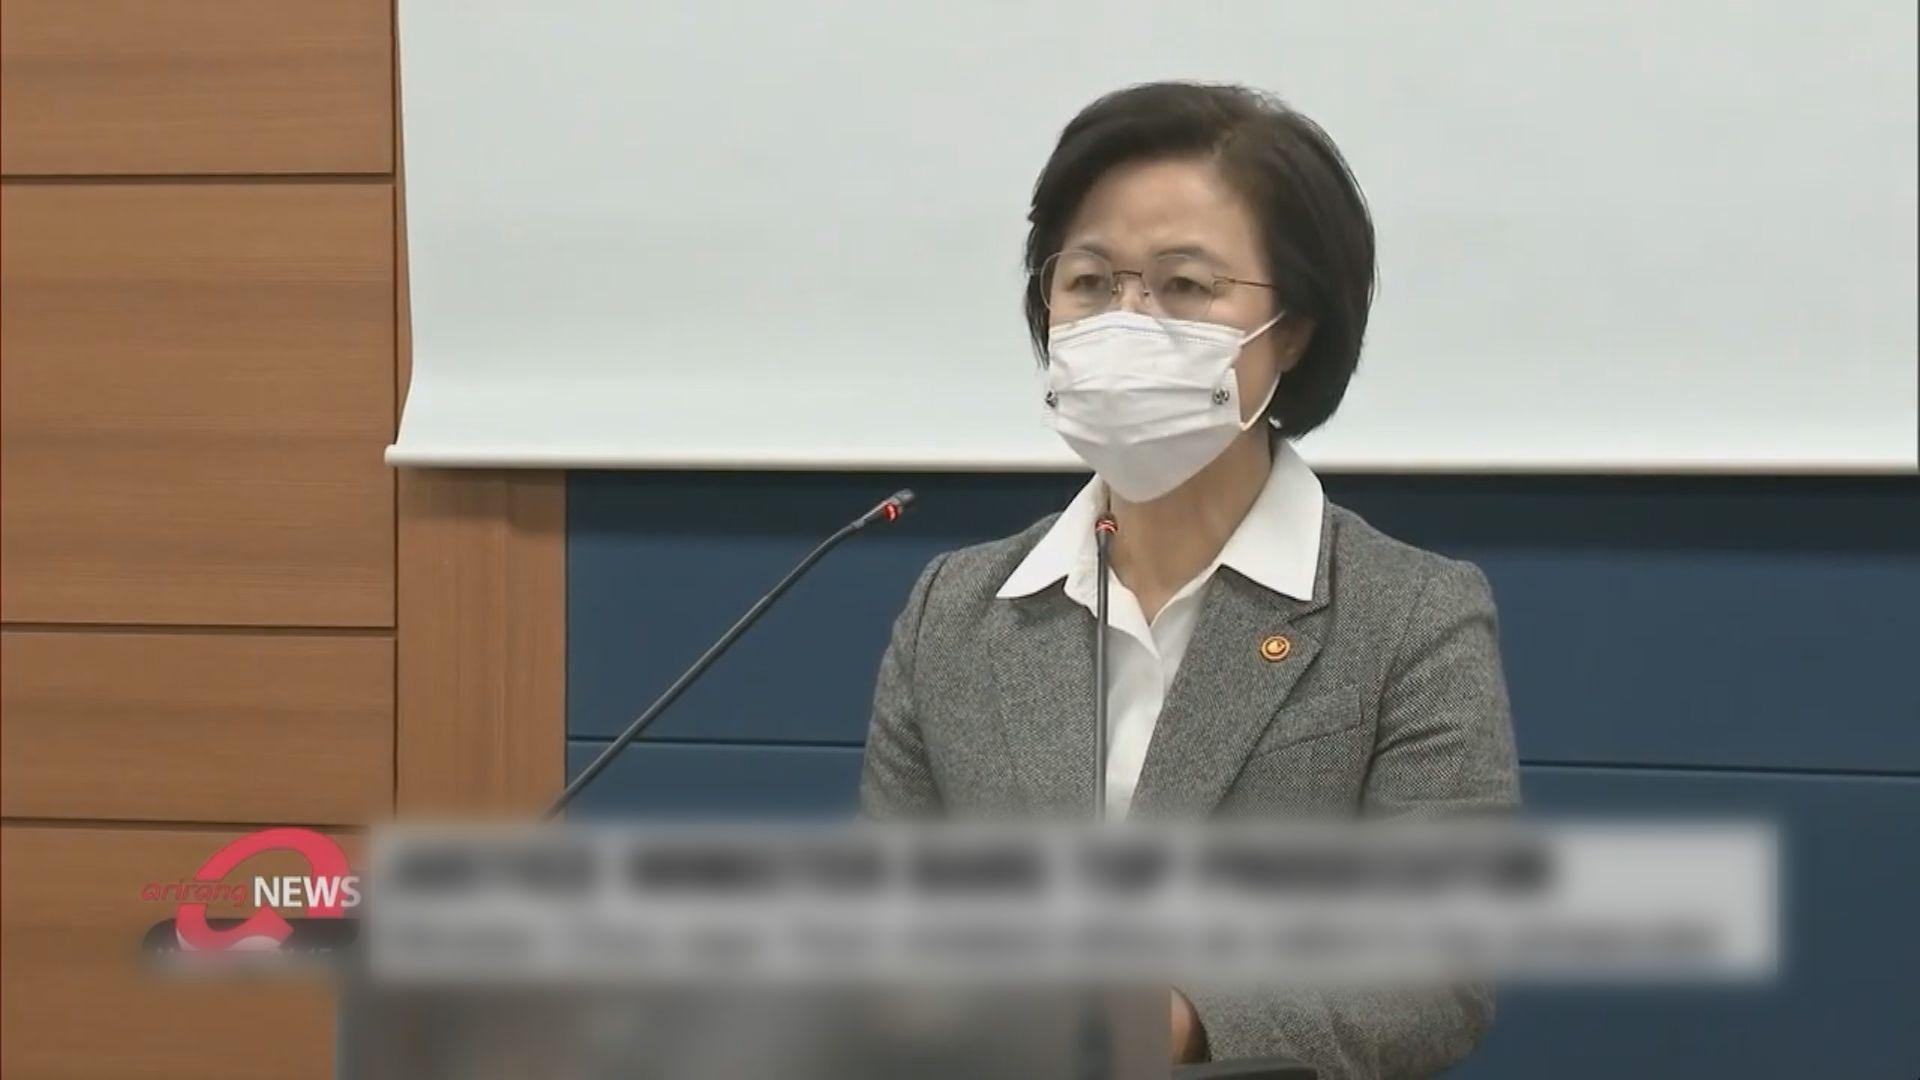 【環球薈報】南韓法務部長強令檢察總長停職